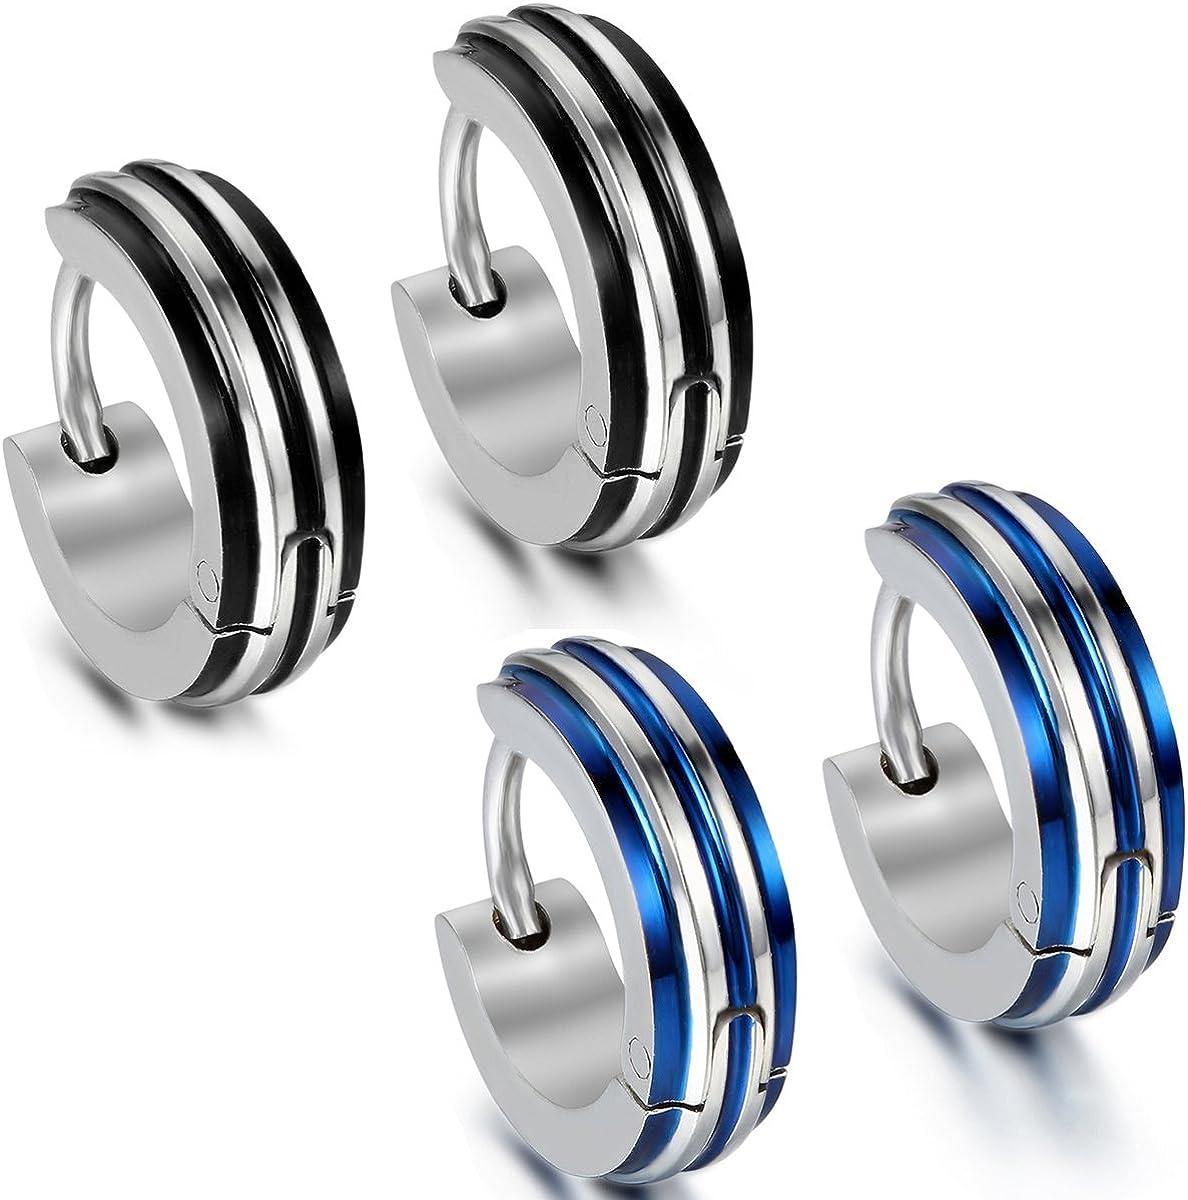 Color azul Oidea Acero inoxidable negro y plateado Con bolsa de regalo 2 pares de pendientes para hombre Cl/ásicos anillos con bisagra para hombre